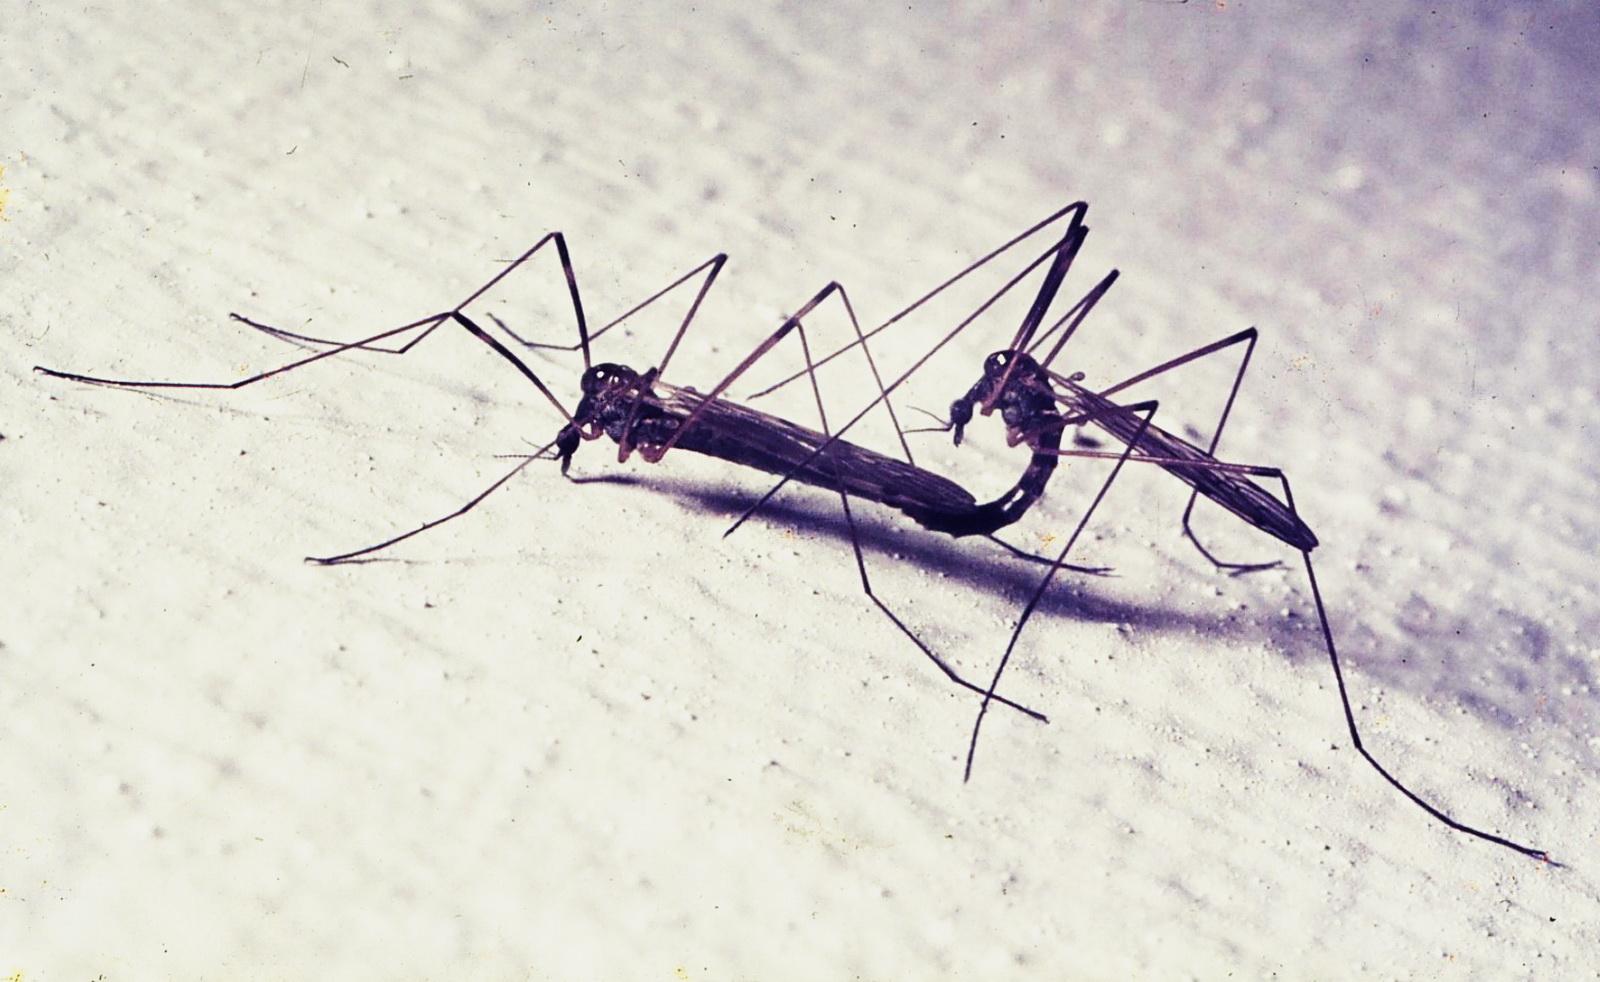 הזדווגות יתושים